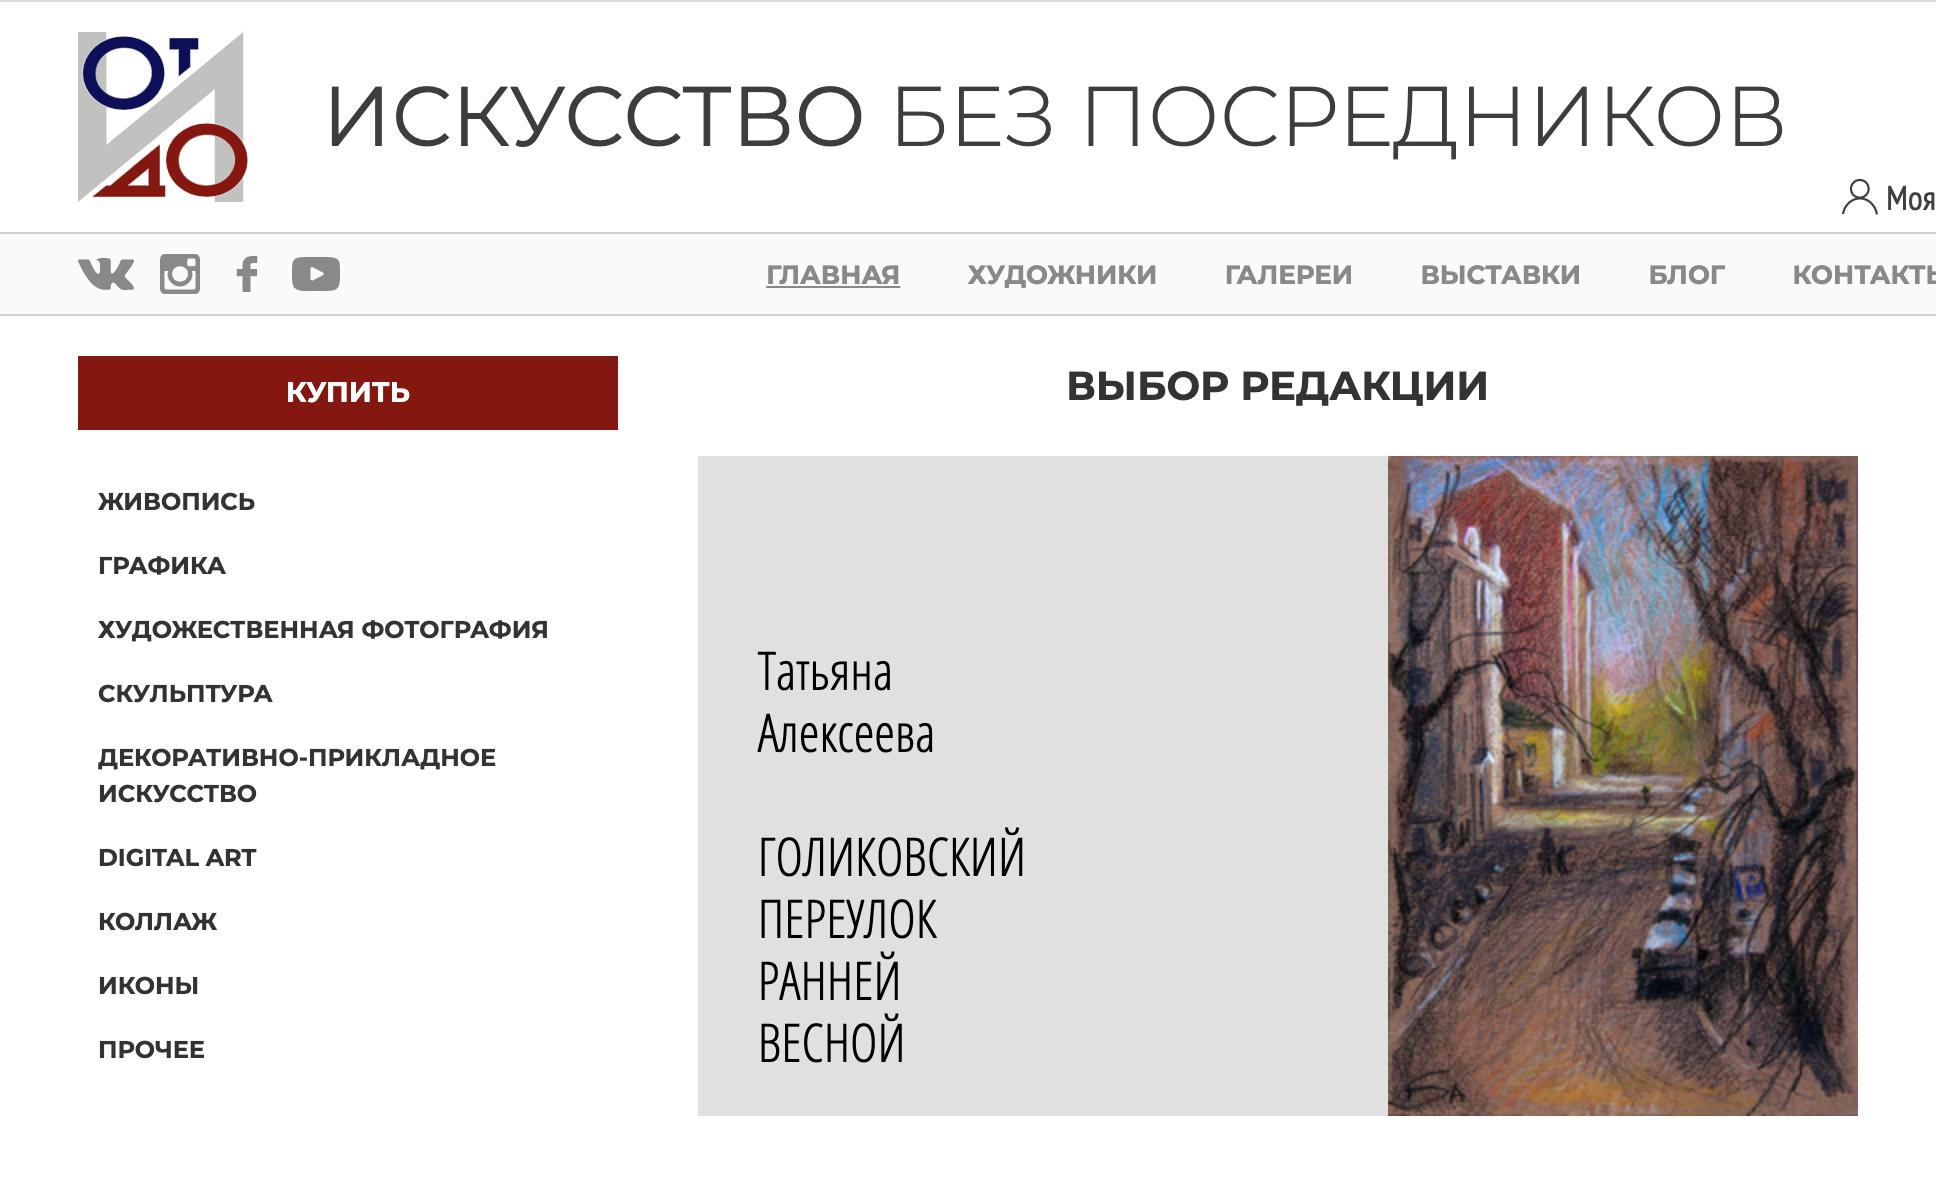 Снимок экрана 2020-04-29 в 15.01.13.png